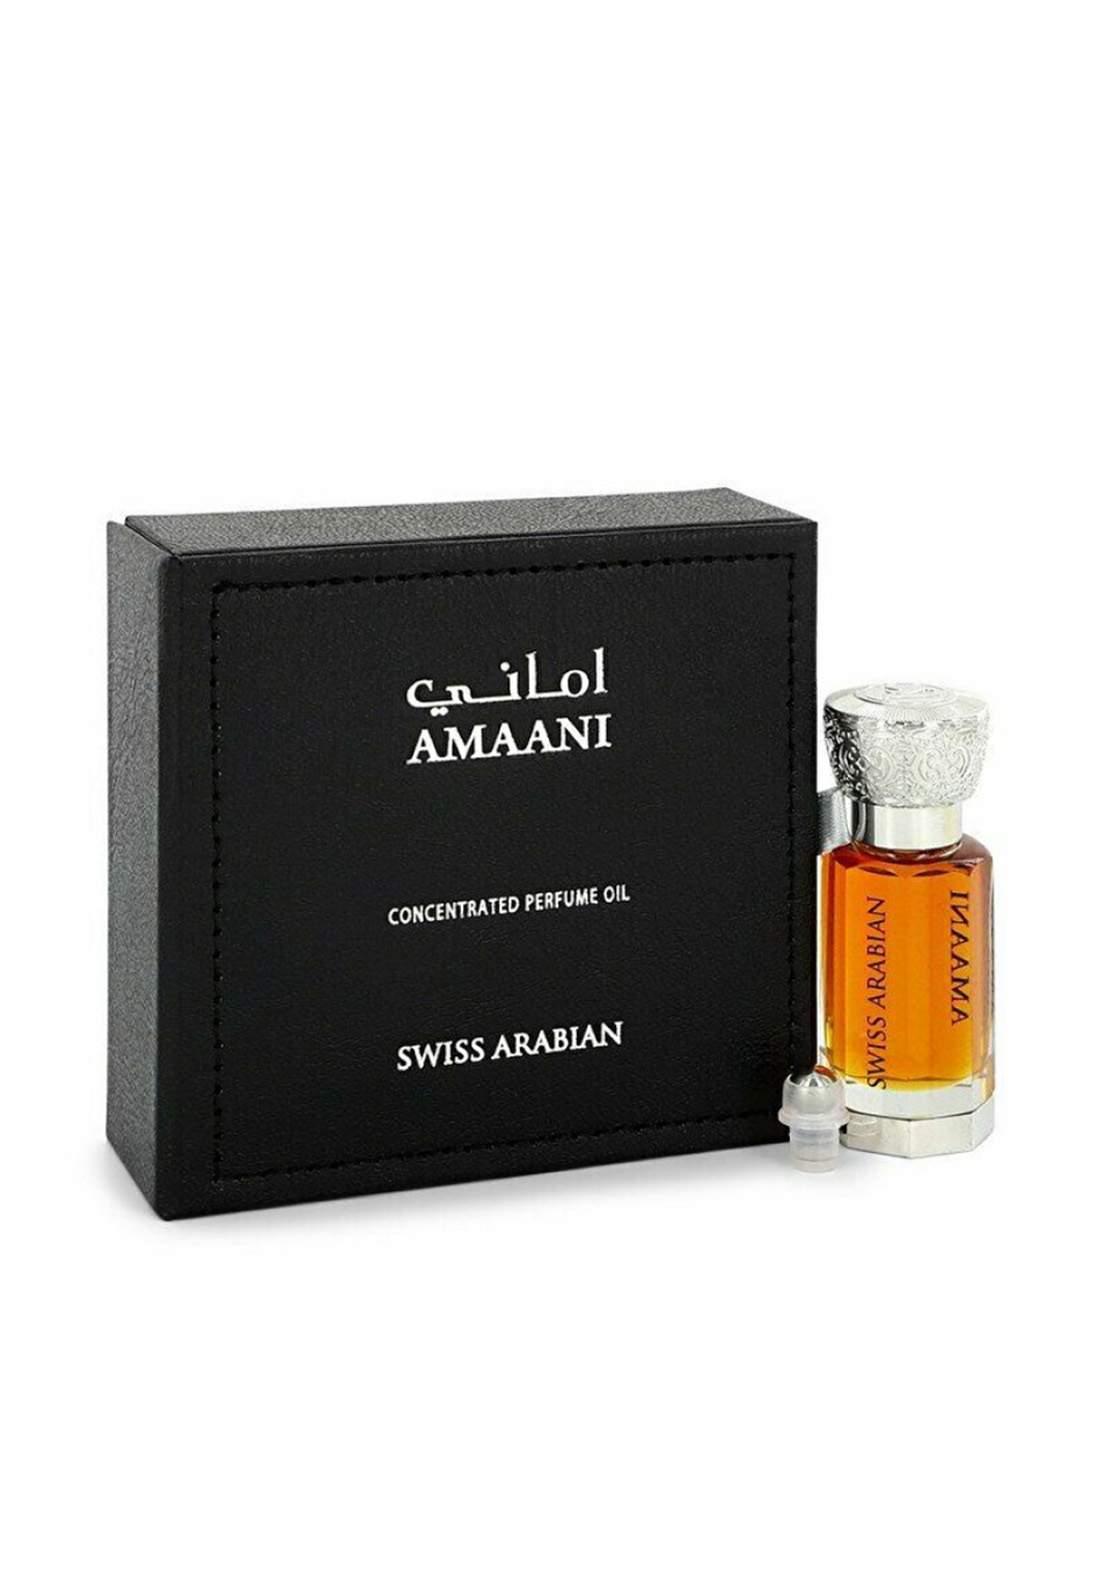 Swiss Arabian 001 Amaani Perfume Oil (Unisex) 12 ml  عطر زيتي لكلا الجنسين